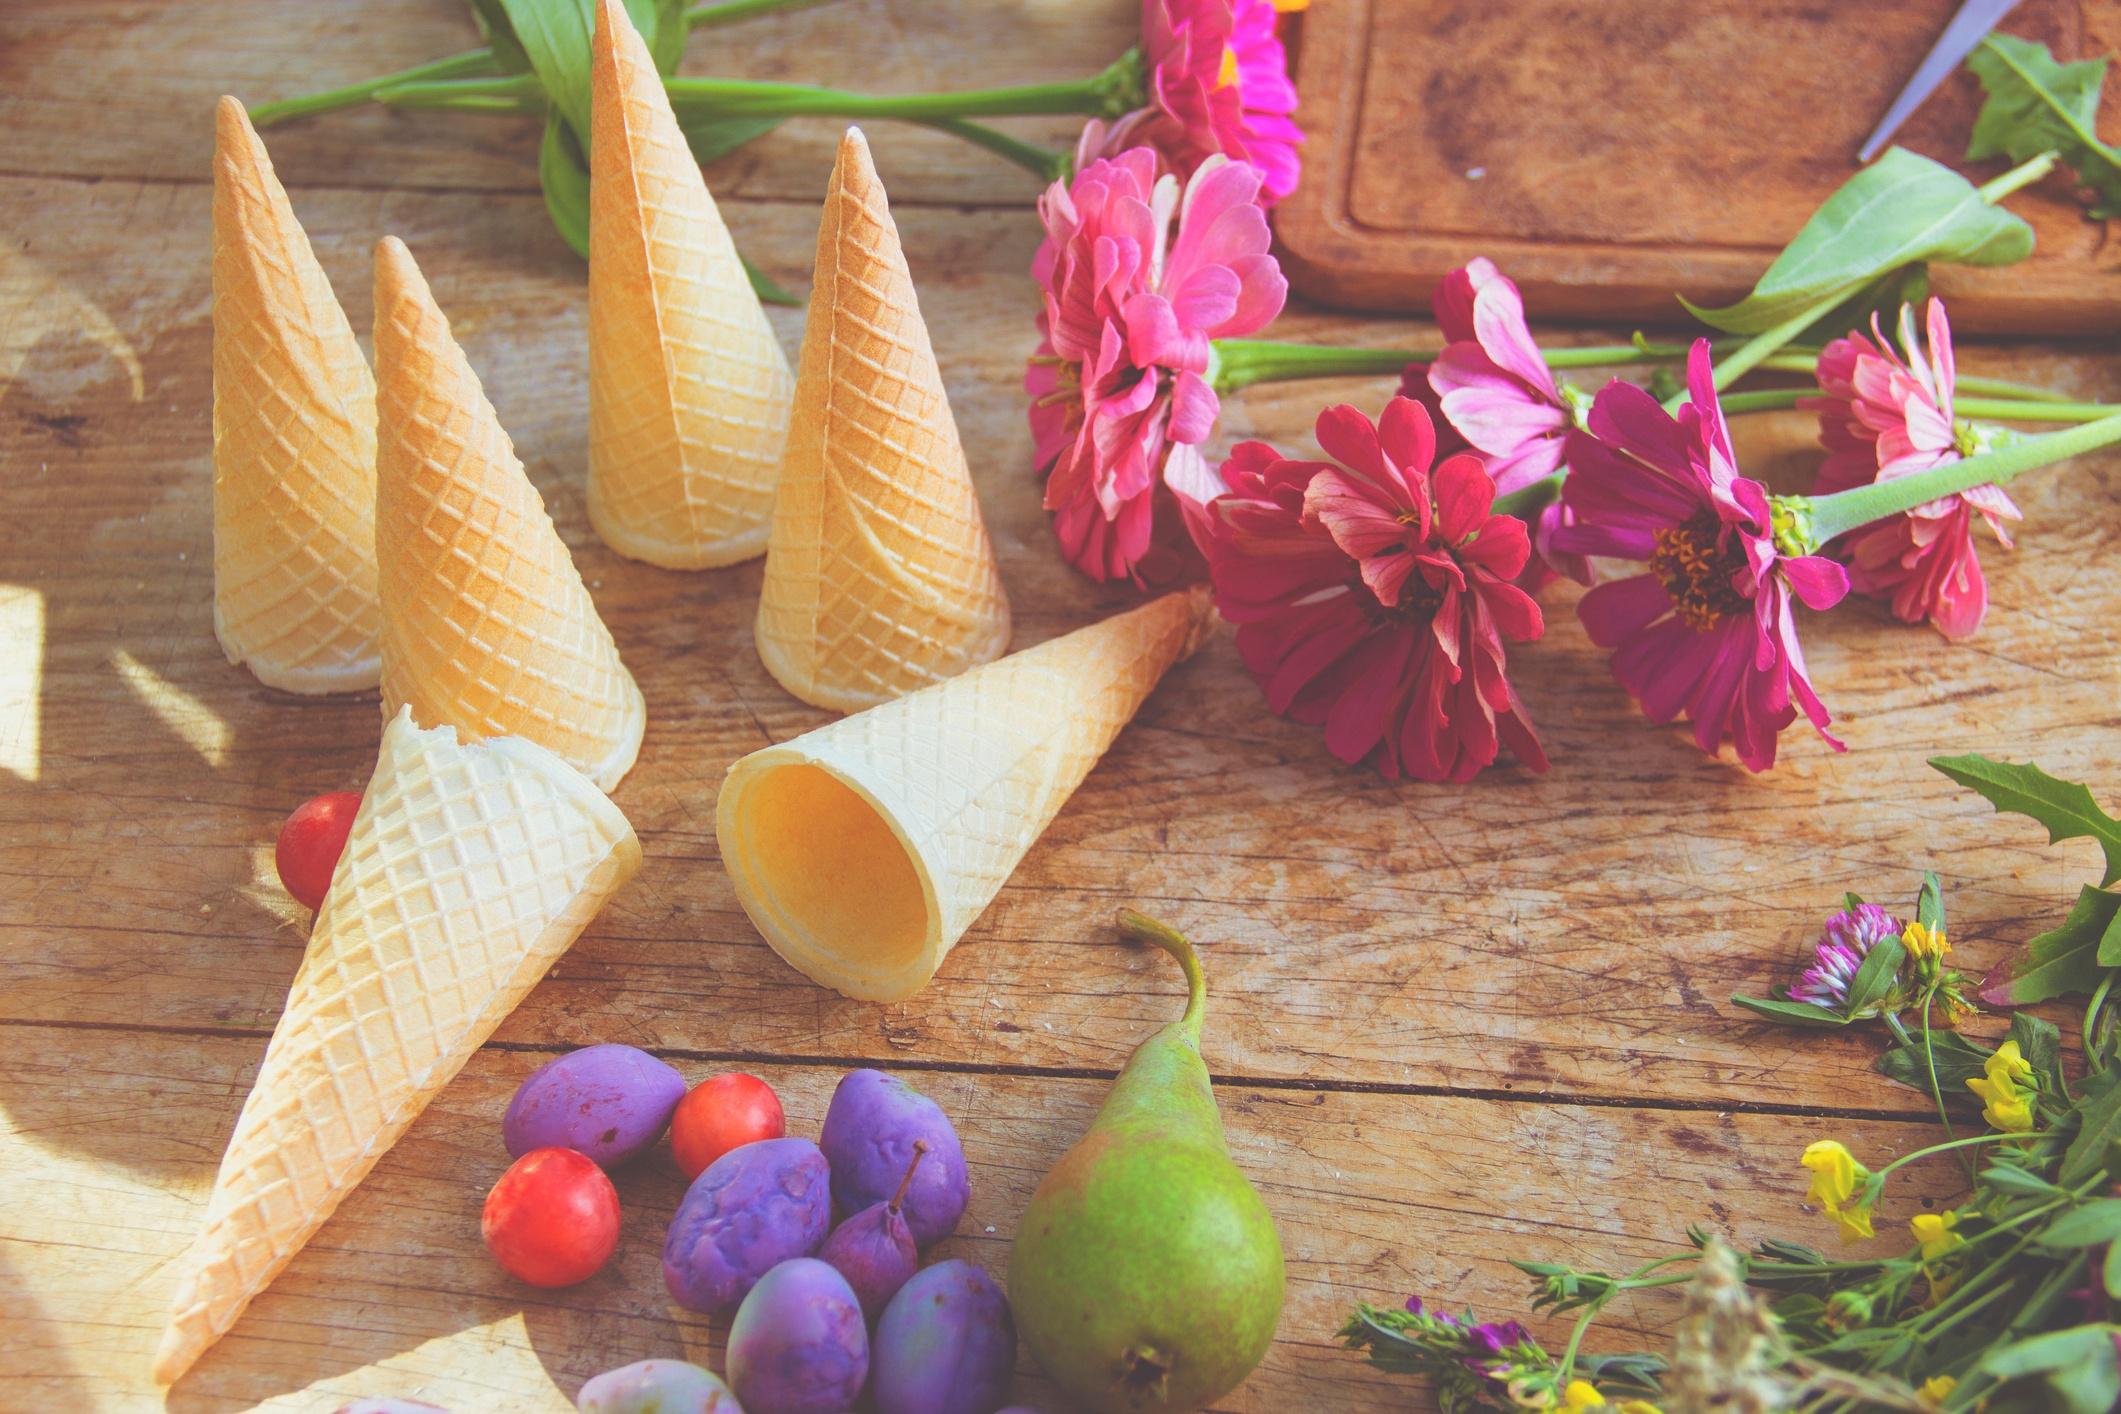 The Best Alternative Wedding Desserts_1.jpg